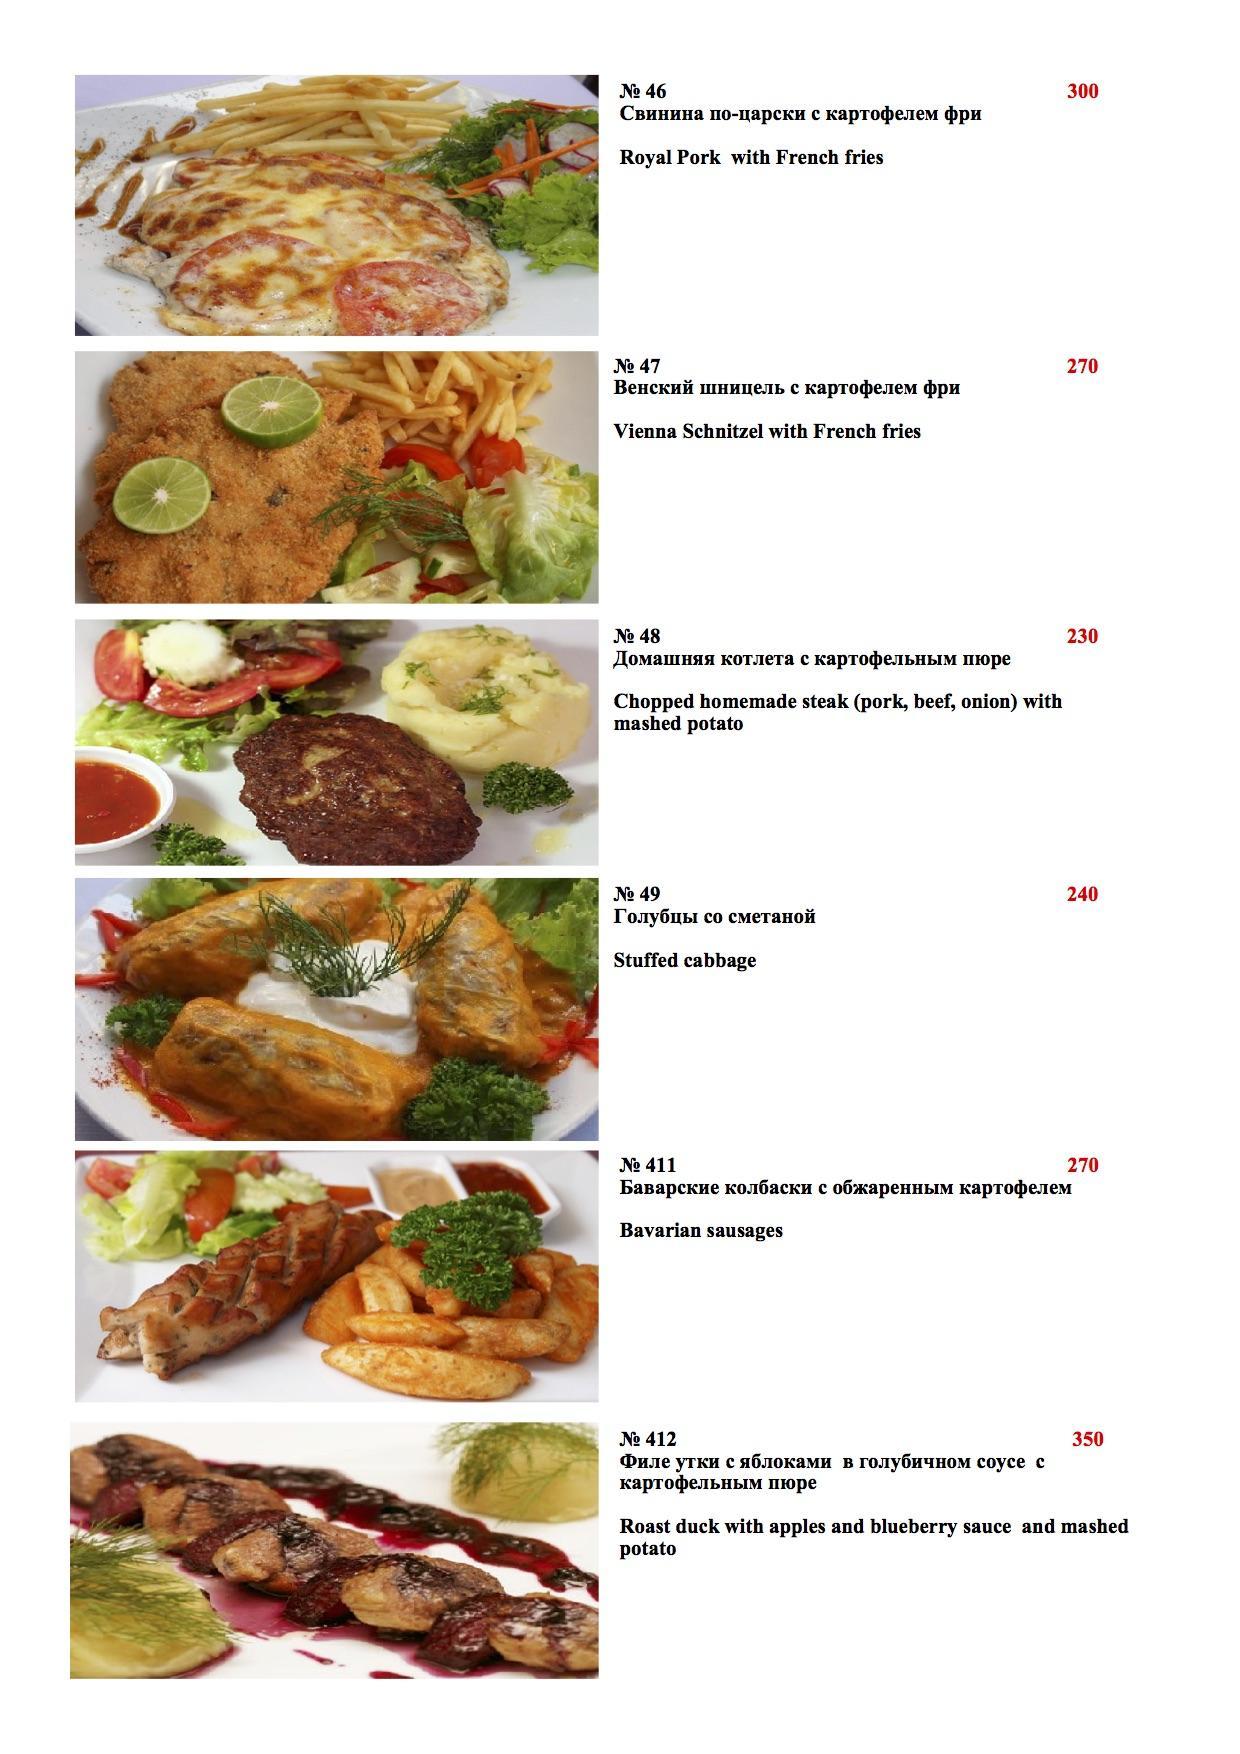 푸켓에서 음식 배달 - 고기 요리 2